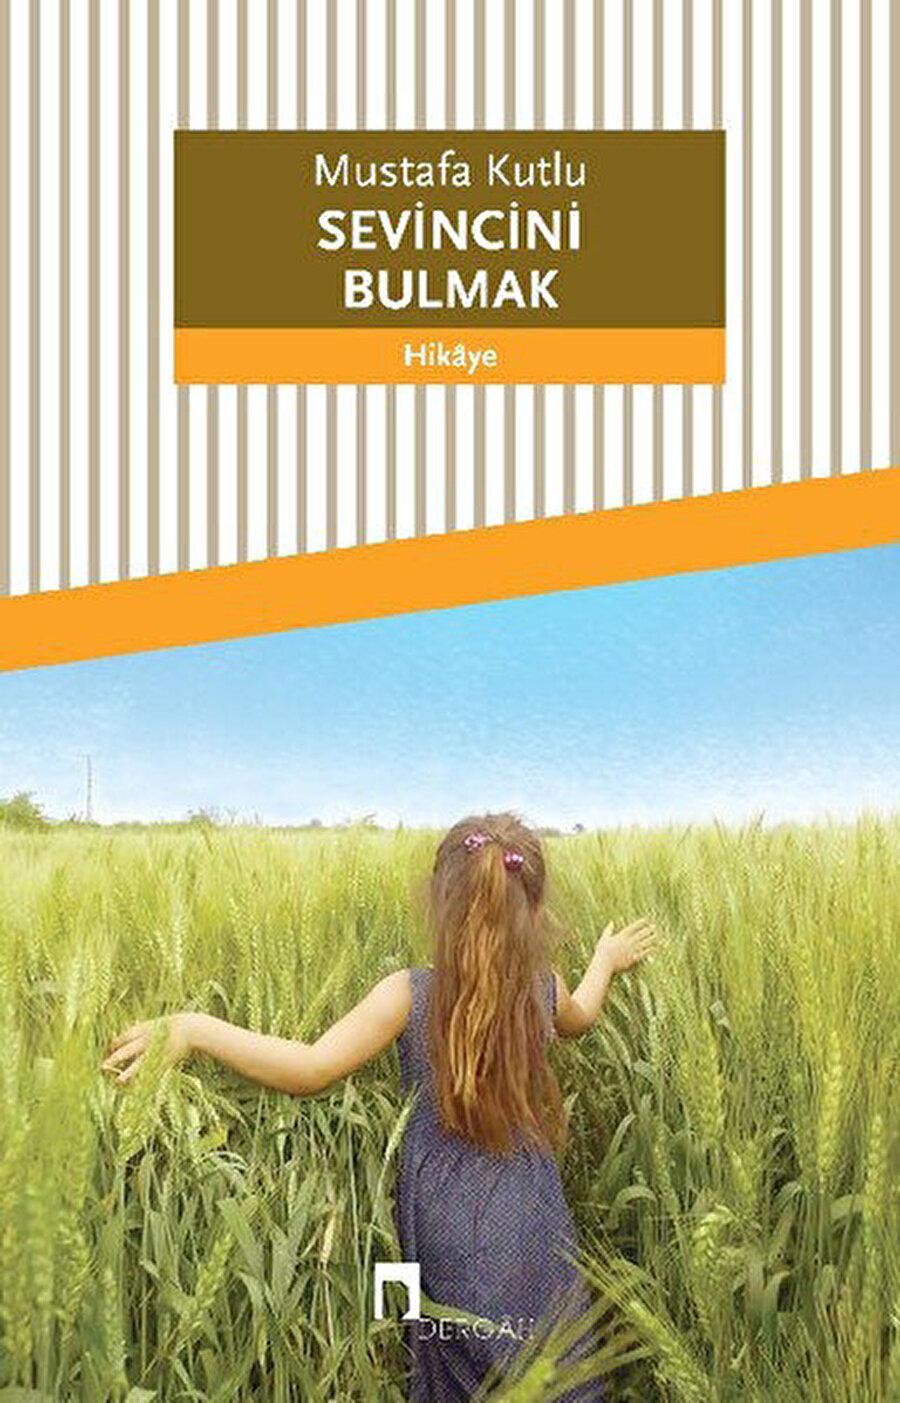 Mustafa Kutlu Sevincini Bulmak'ın daha ilk sayfasında kitabın isim babasına rahmetle başlıyor.